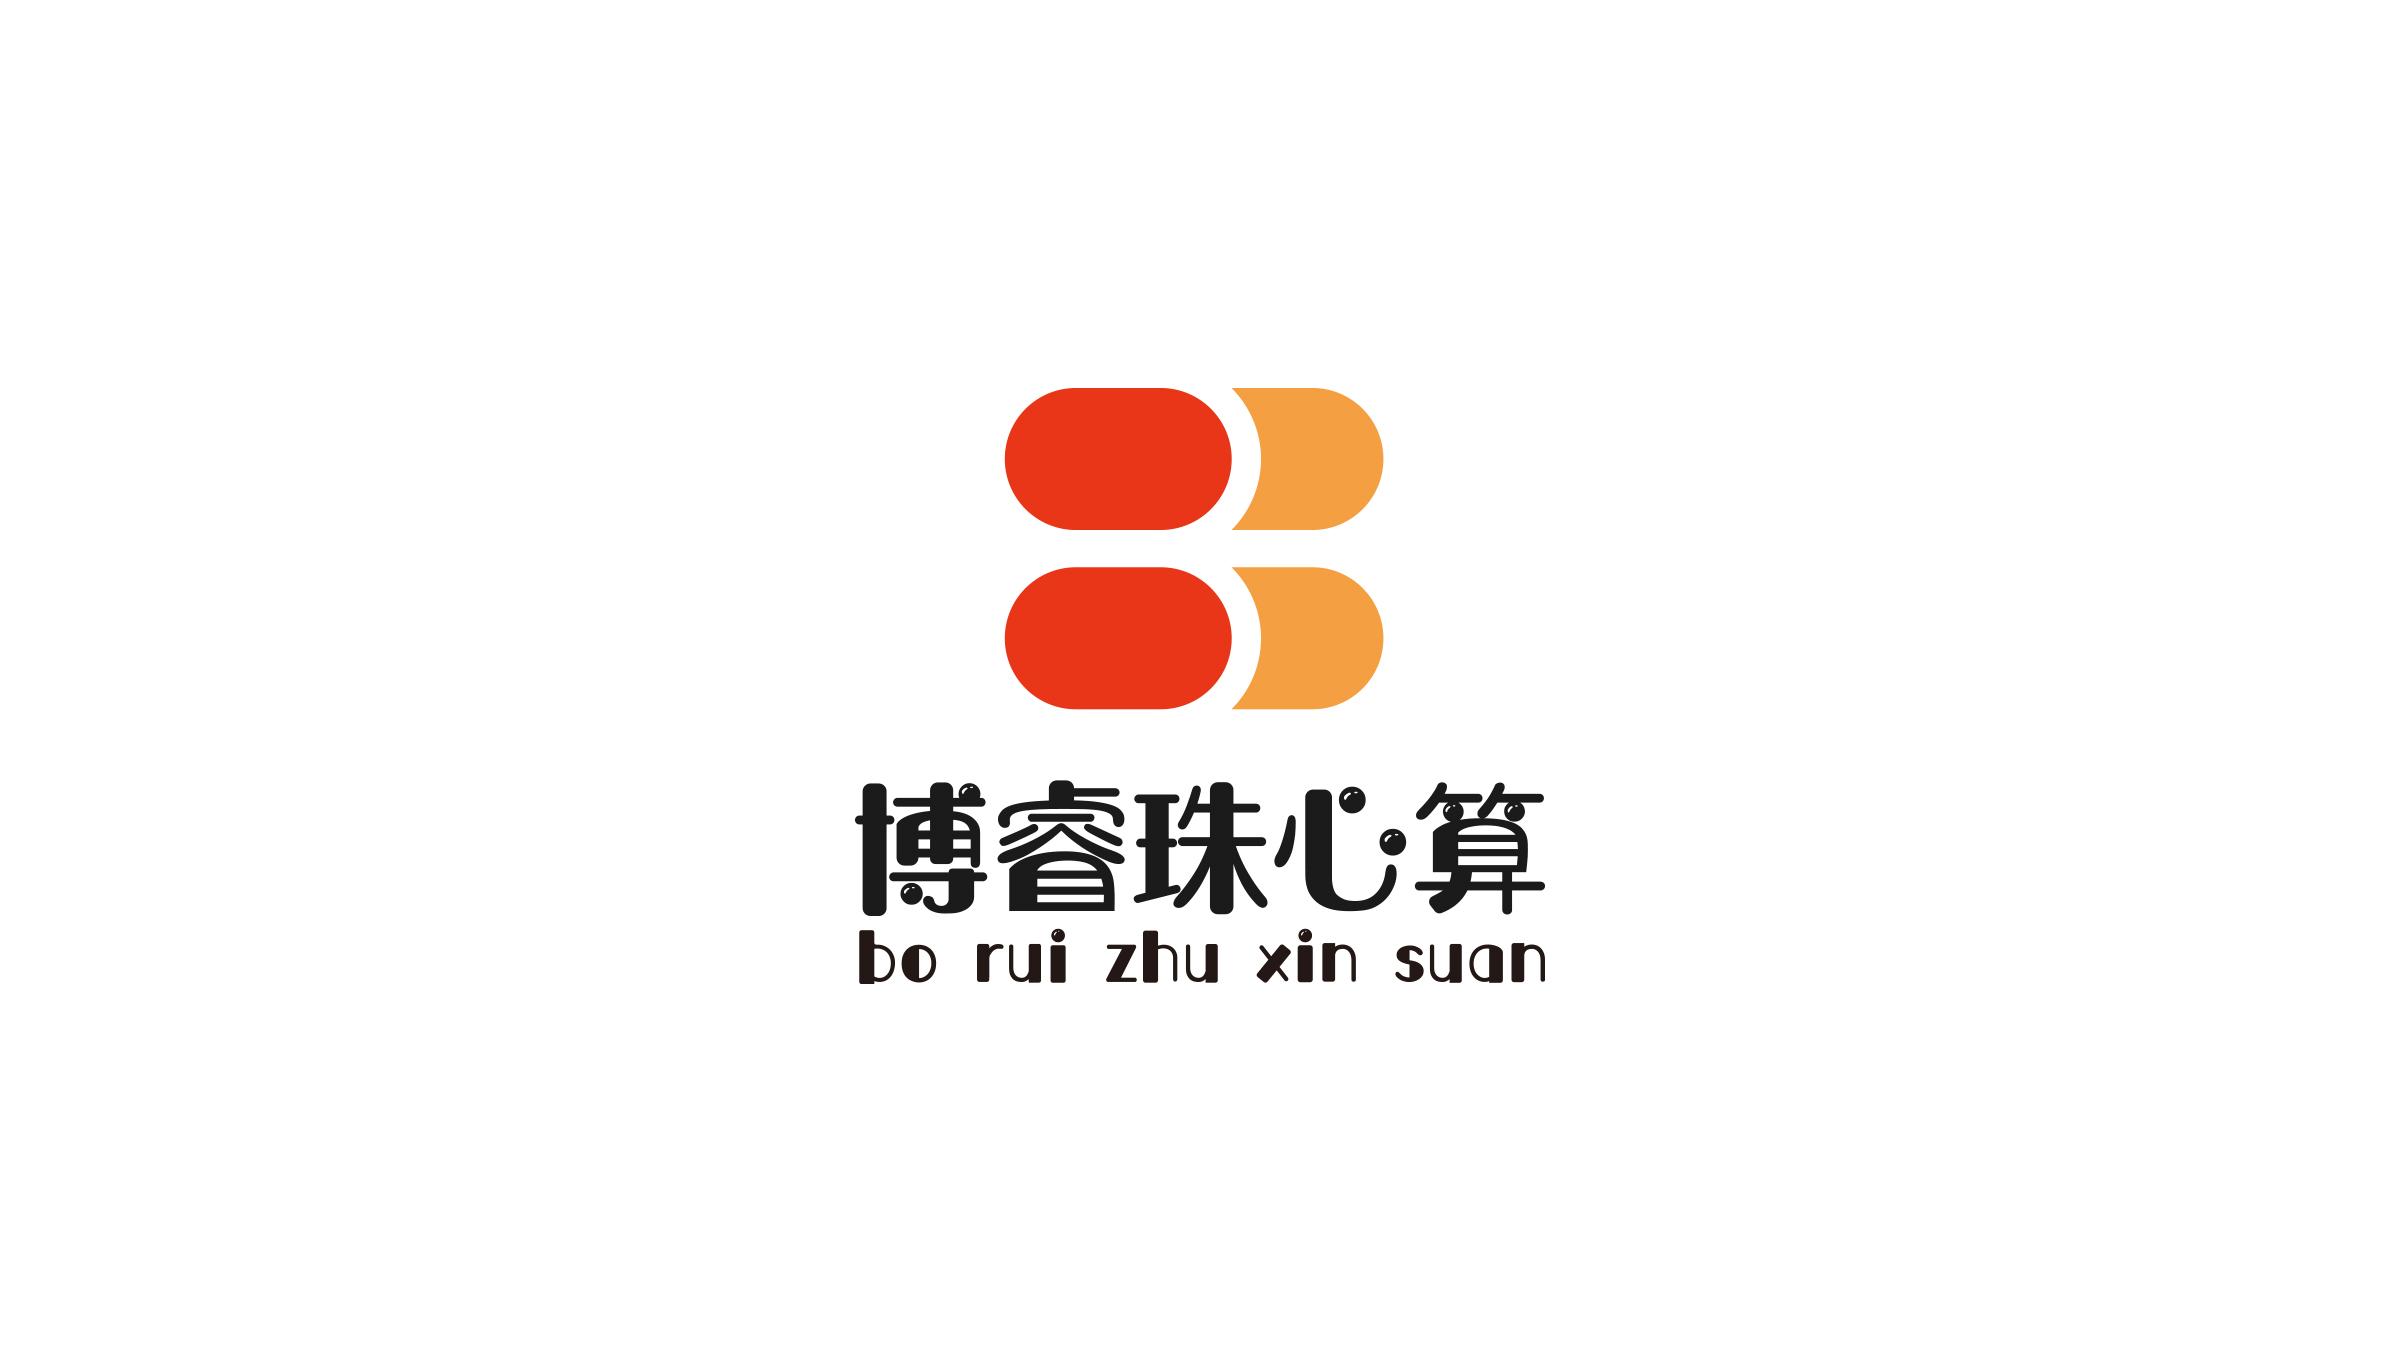 博睿珠心算培训中心LOGO设计